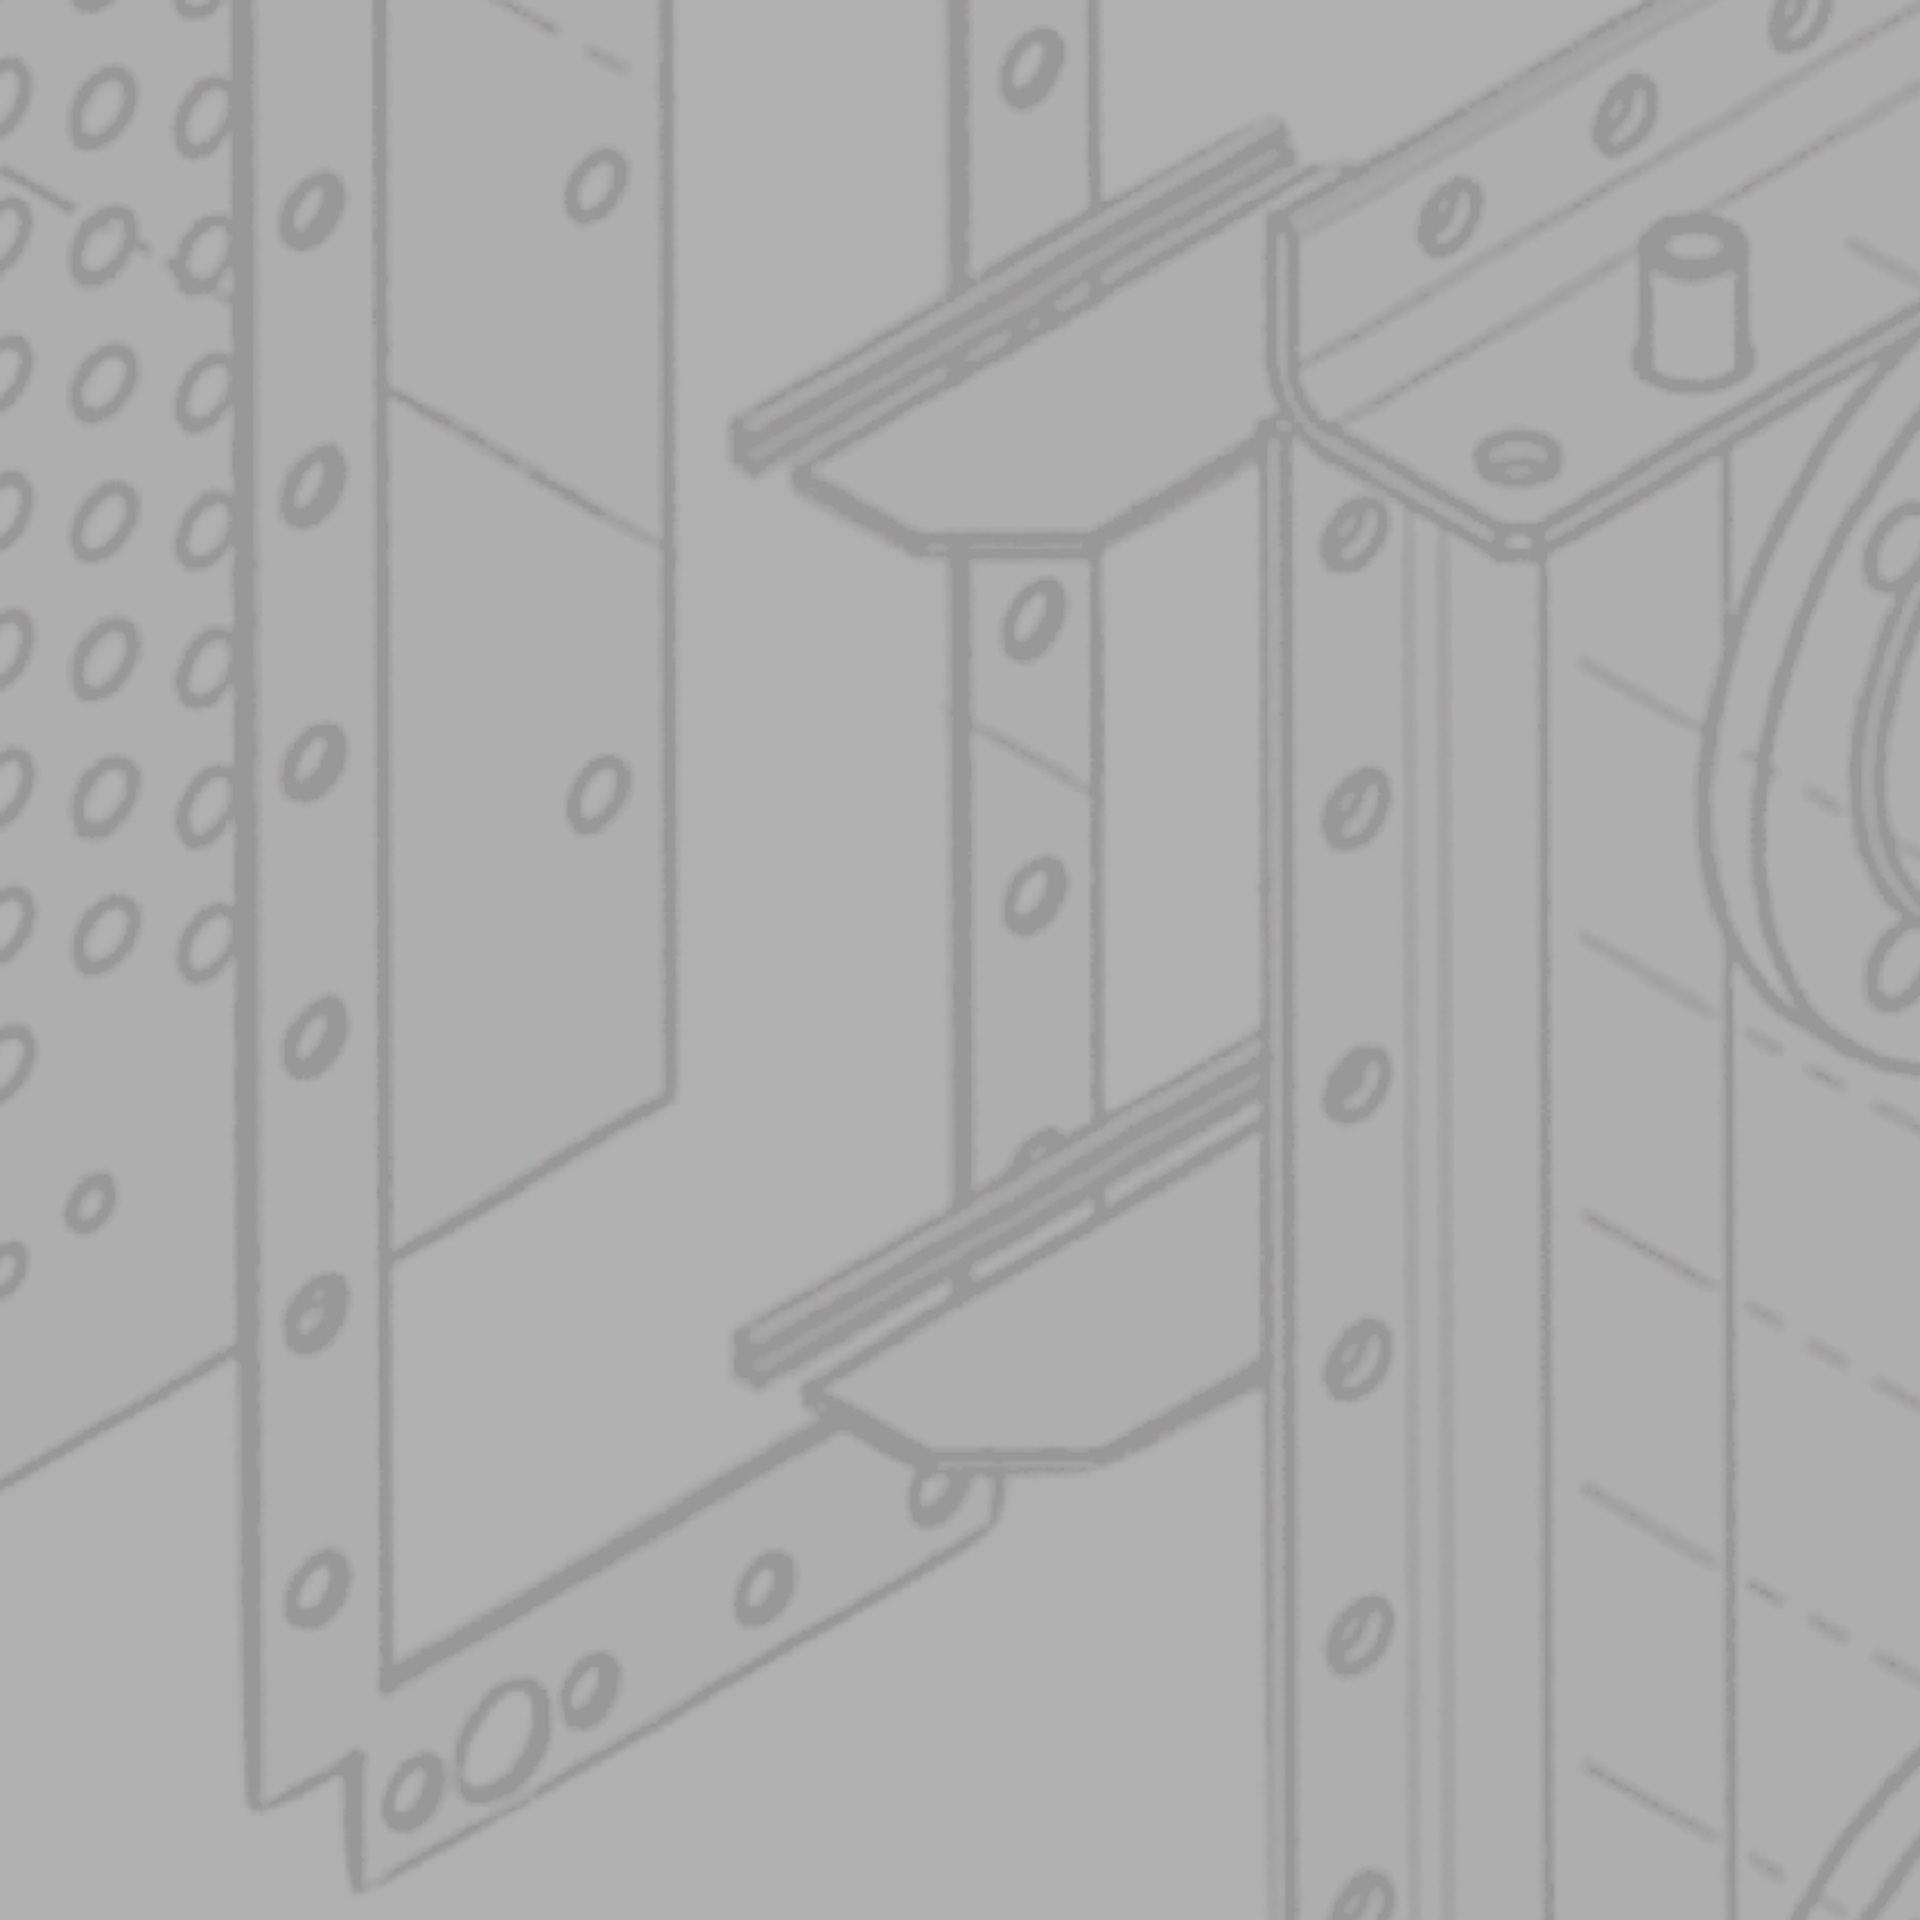 GWA_spare_parts_and_service_3_Gesellschaft_fuer_Waerme_und_Anlagentechnik_mbH_monochrom